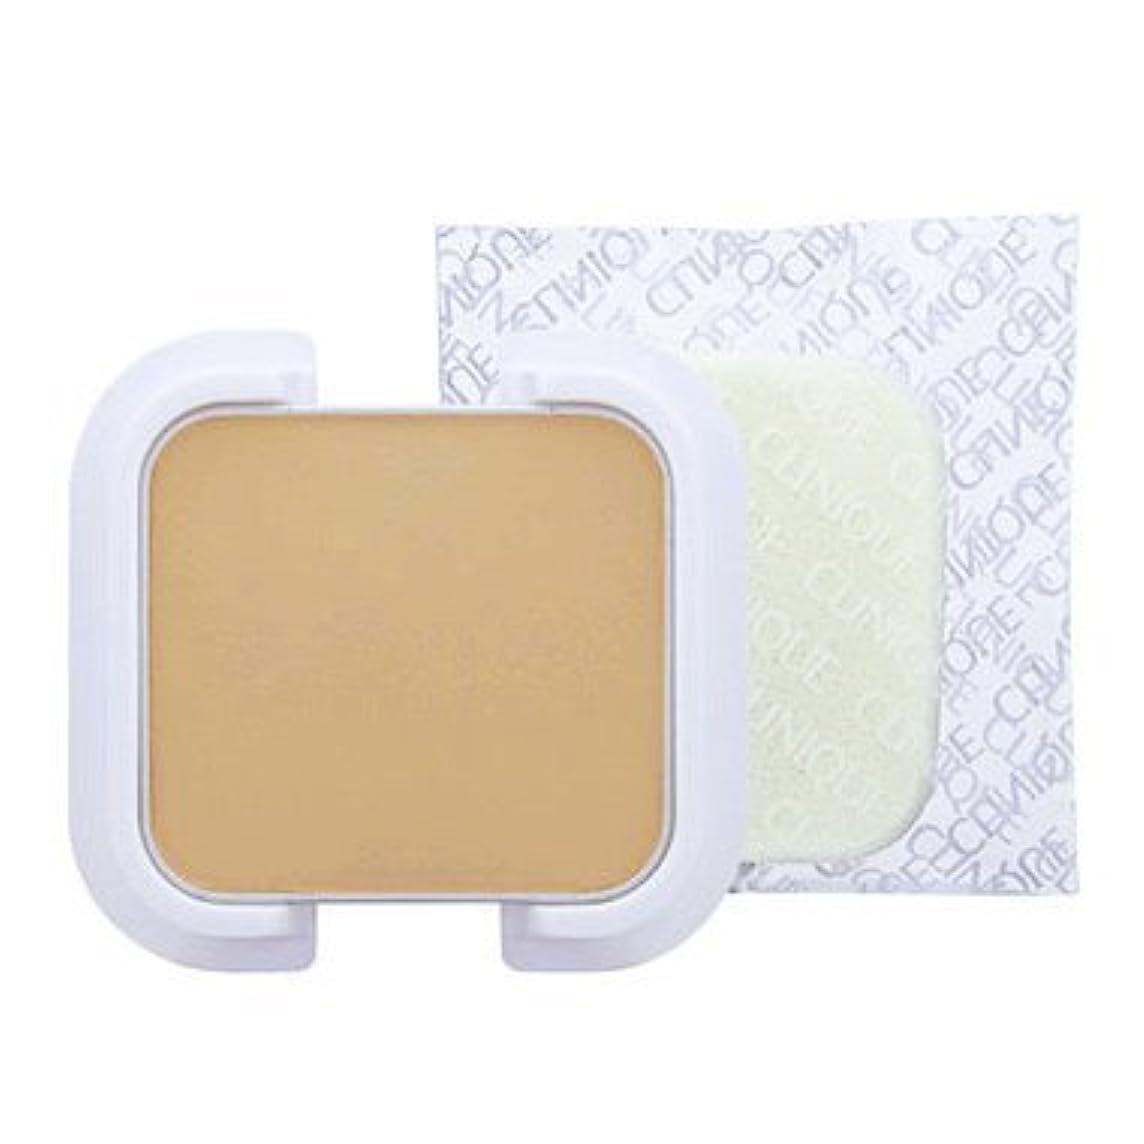 移行する意気揚々渇きCLINIQUE クリニーク イーブン ベター パウダー メークアップ ウォーター ヴェール 27 (リフィル) #64 cream beige SPF27/PA+++ 10g [並行輸入品]